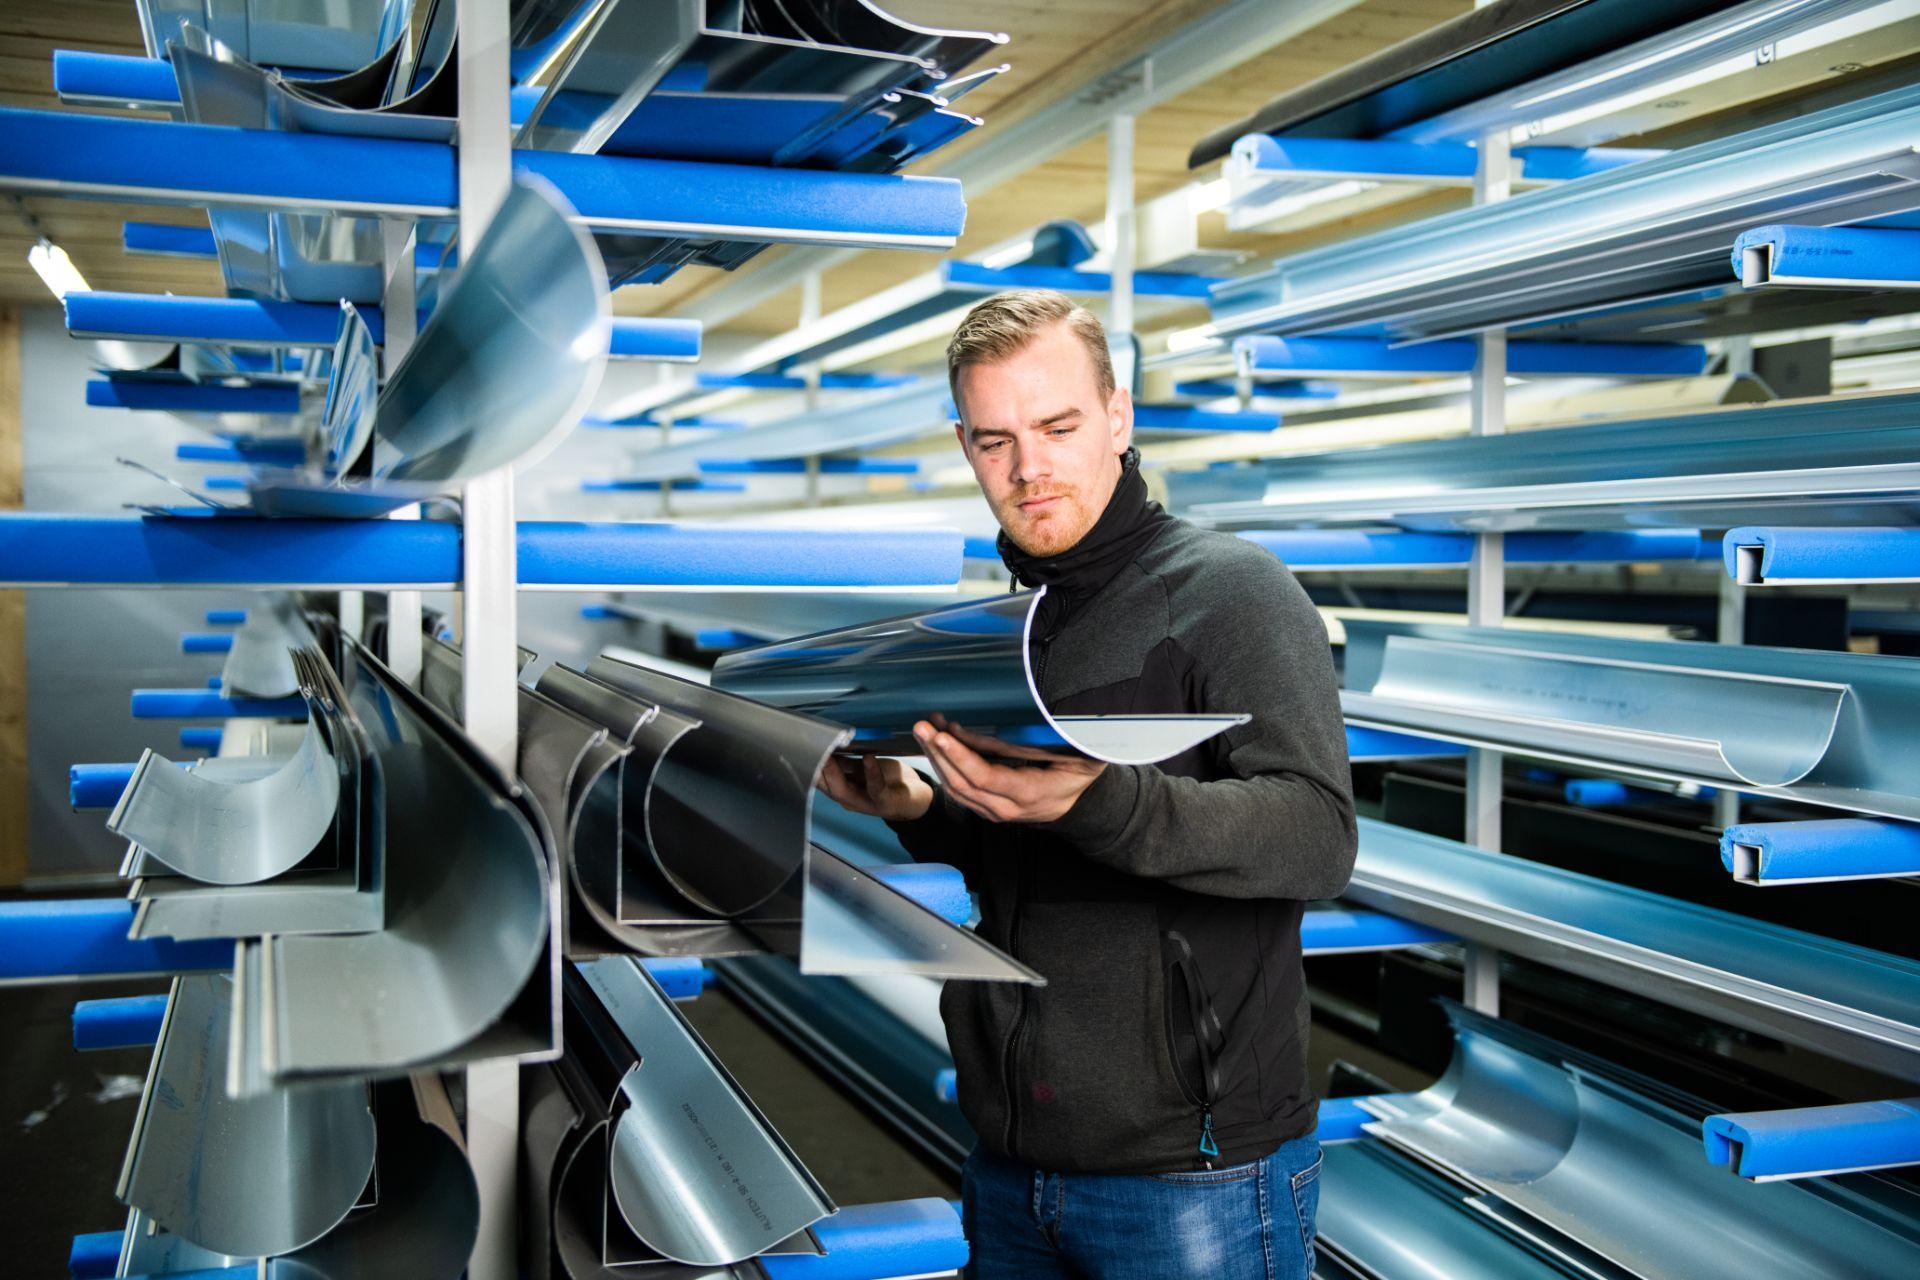 Zonwering Aanbieden Scherp Geprijste Zonneschermen Van De Zonwering Fabriek